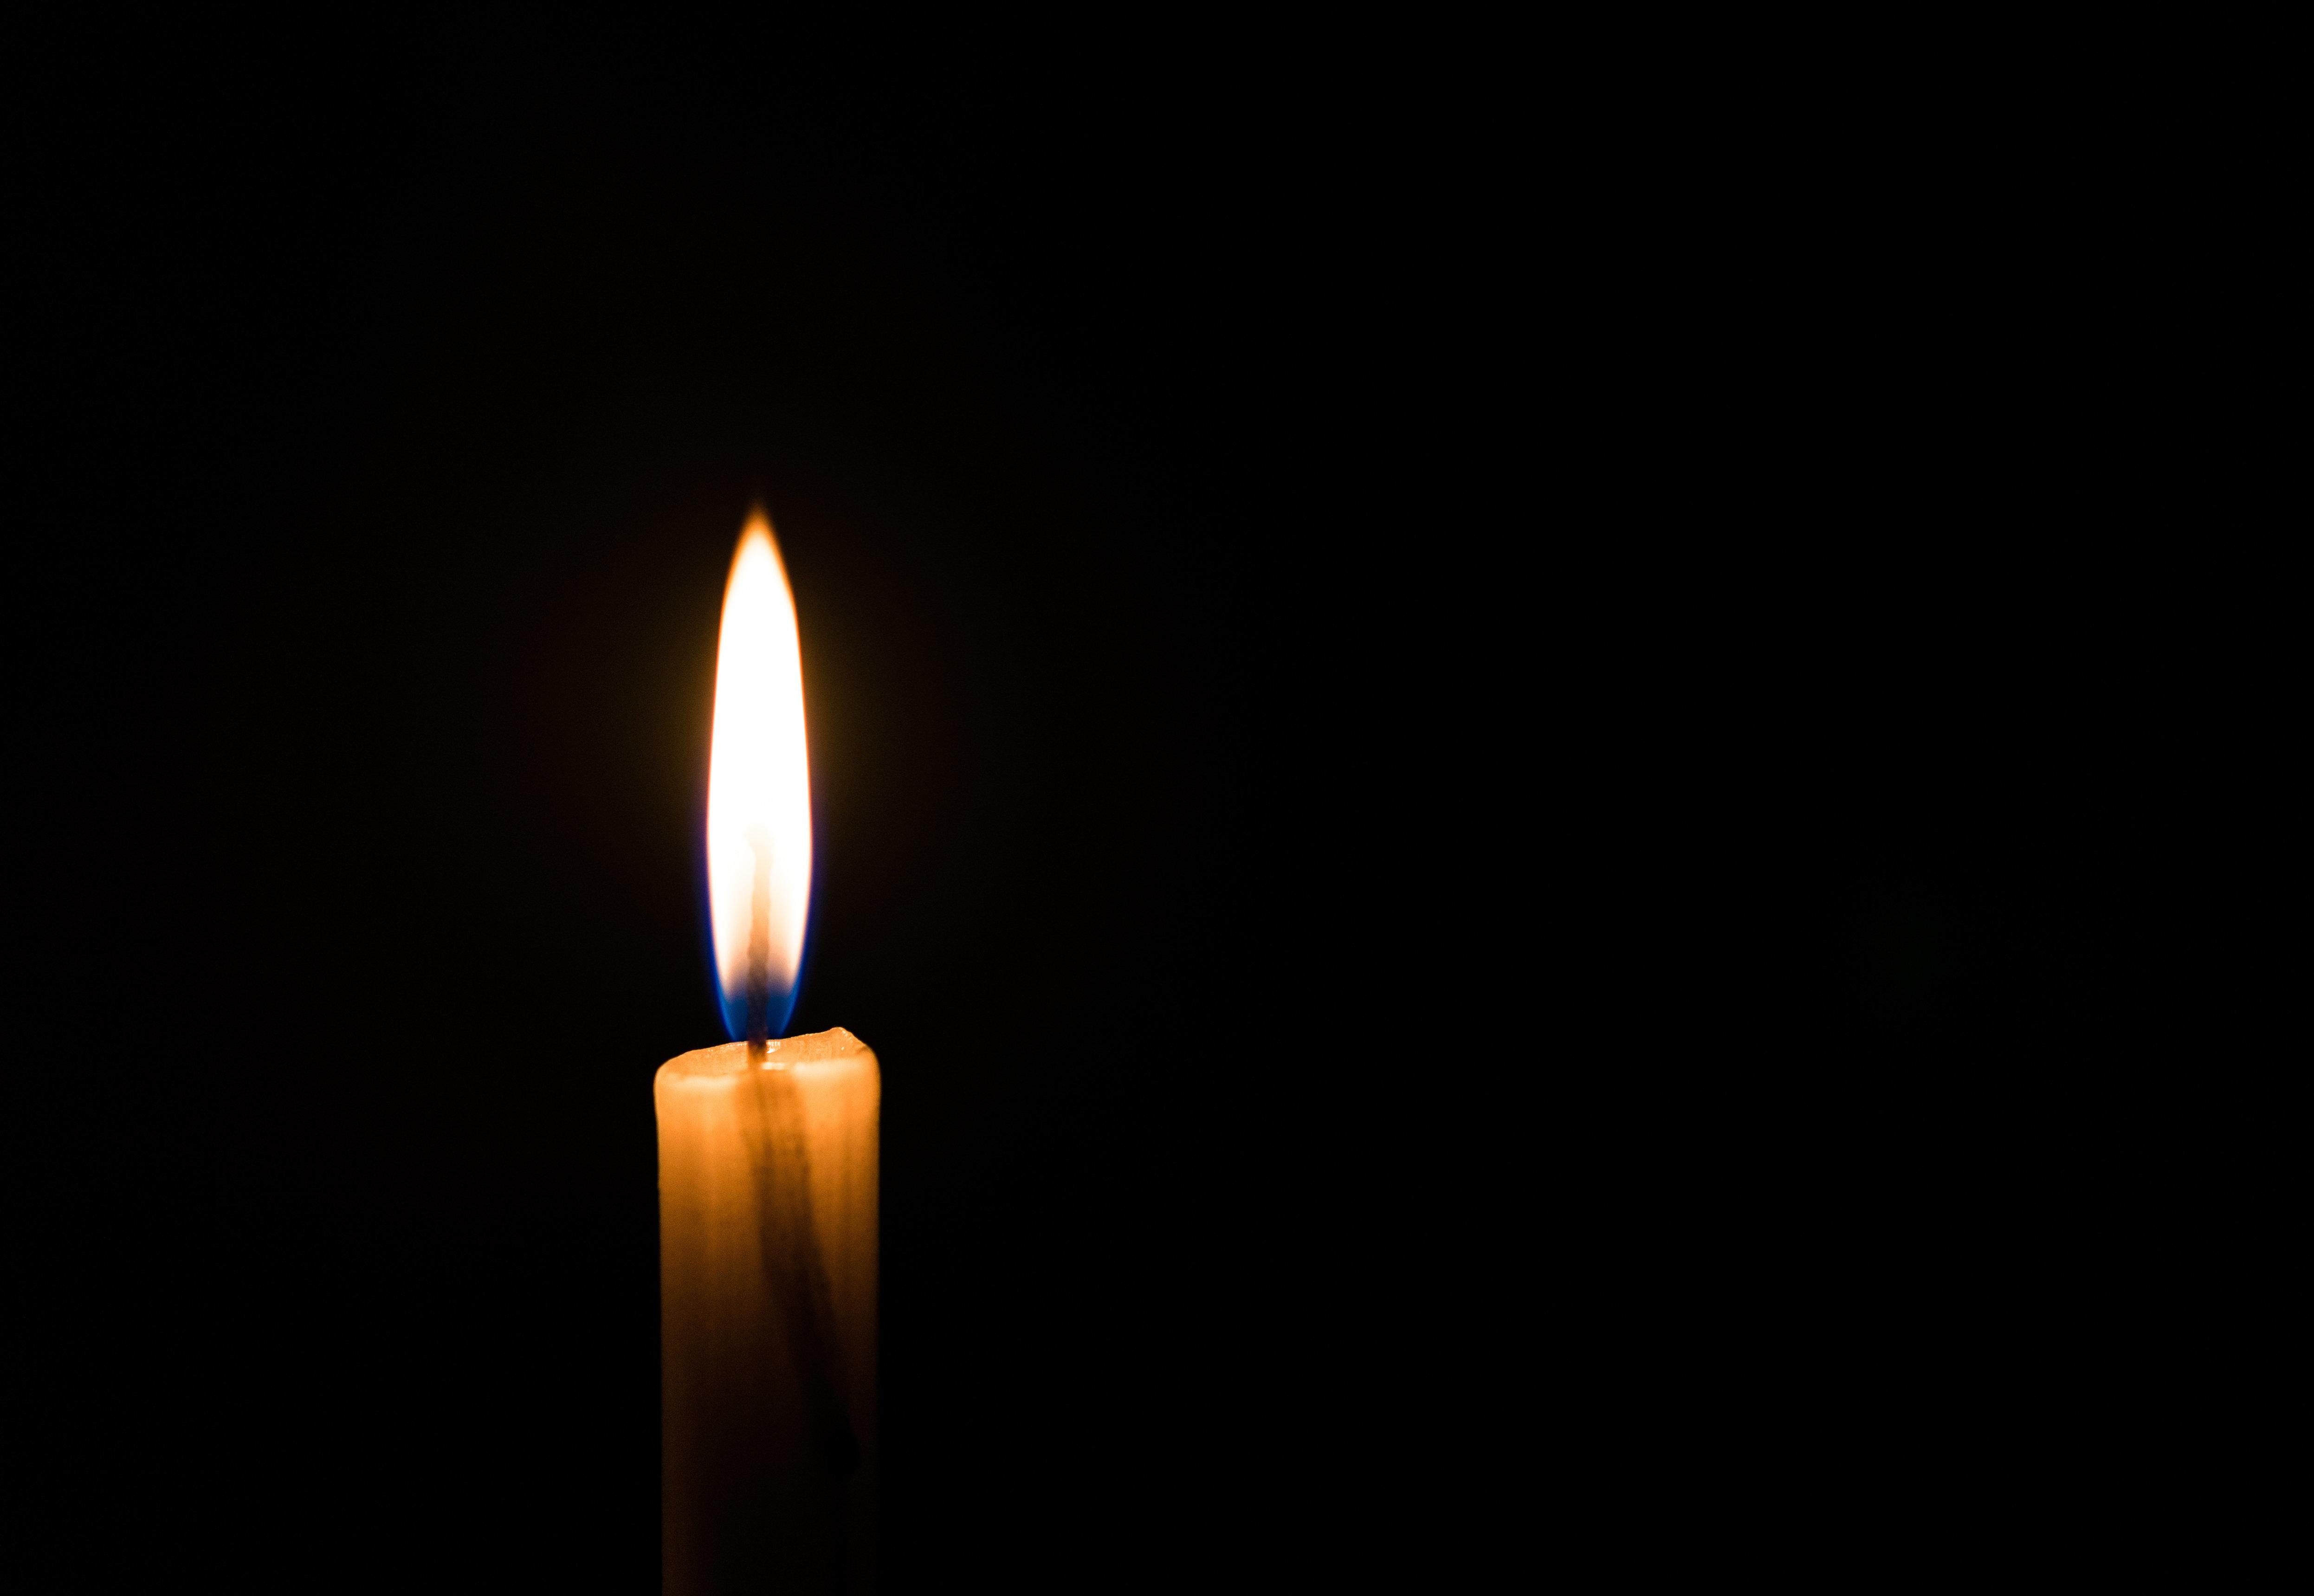 세월호 참사 후 5년, 나는 언니의 죽음을 다시